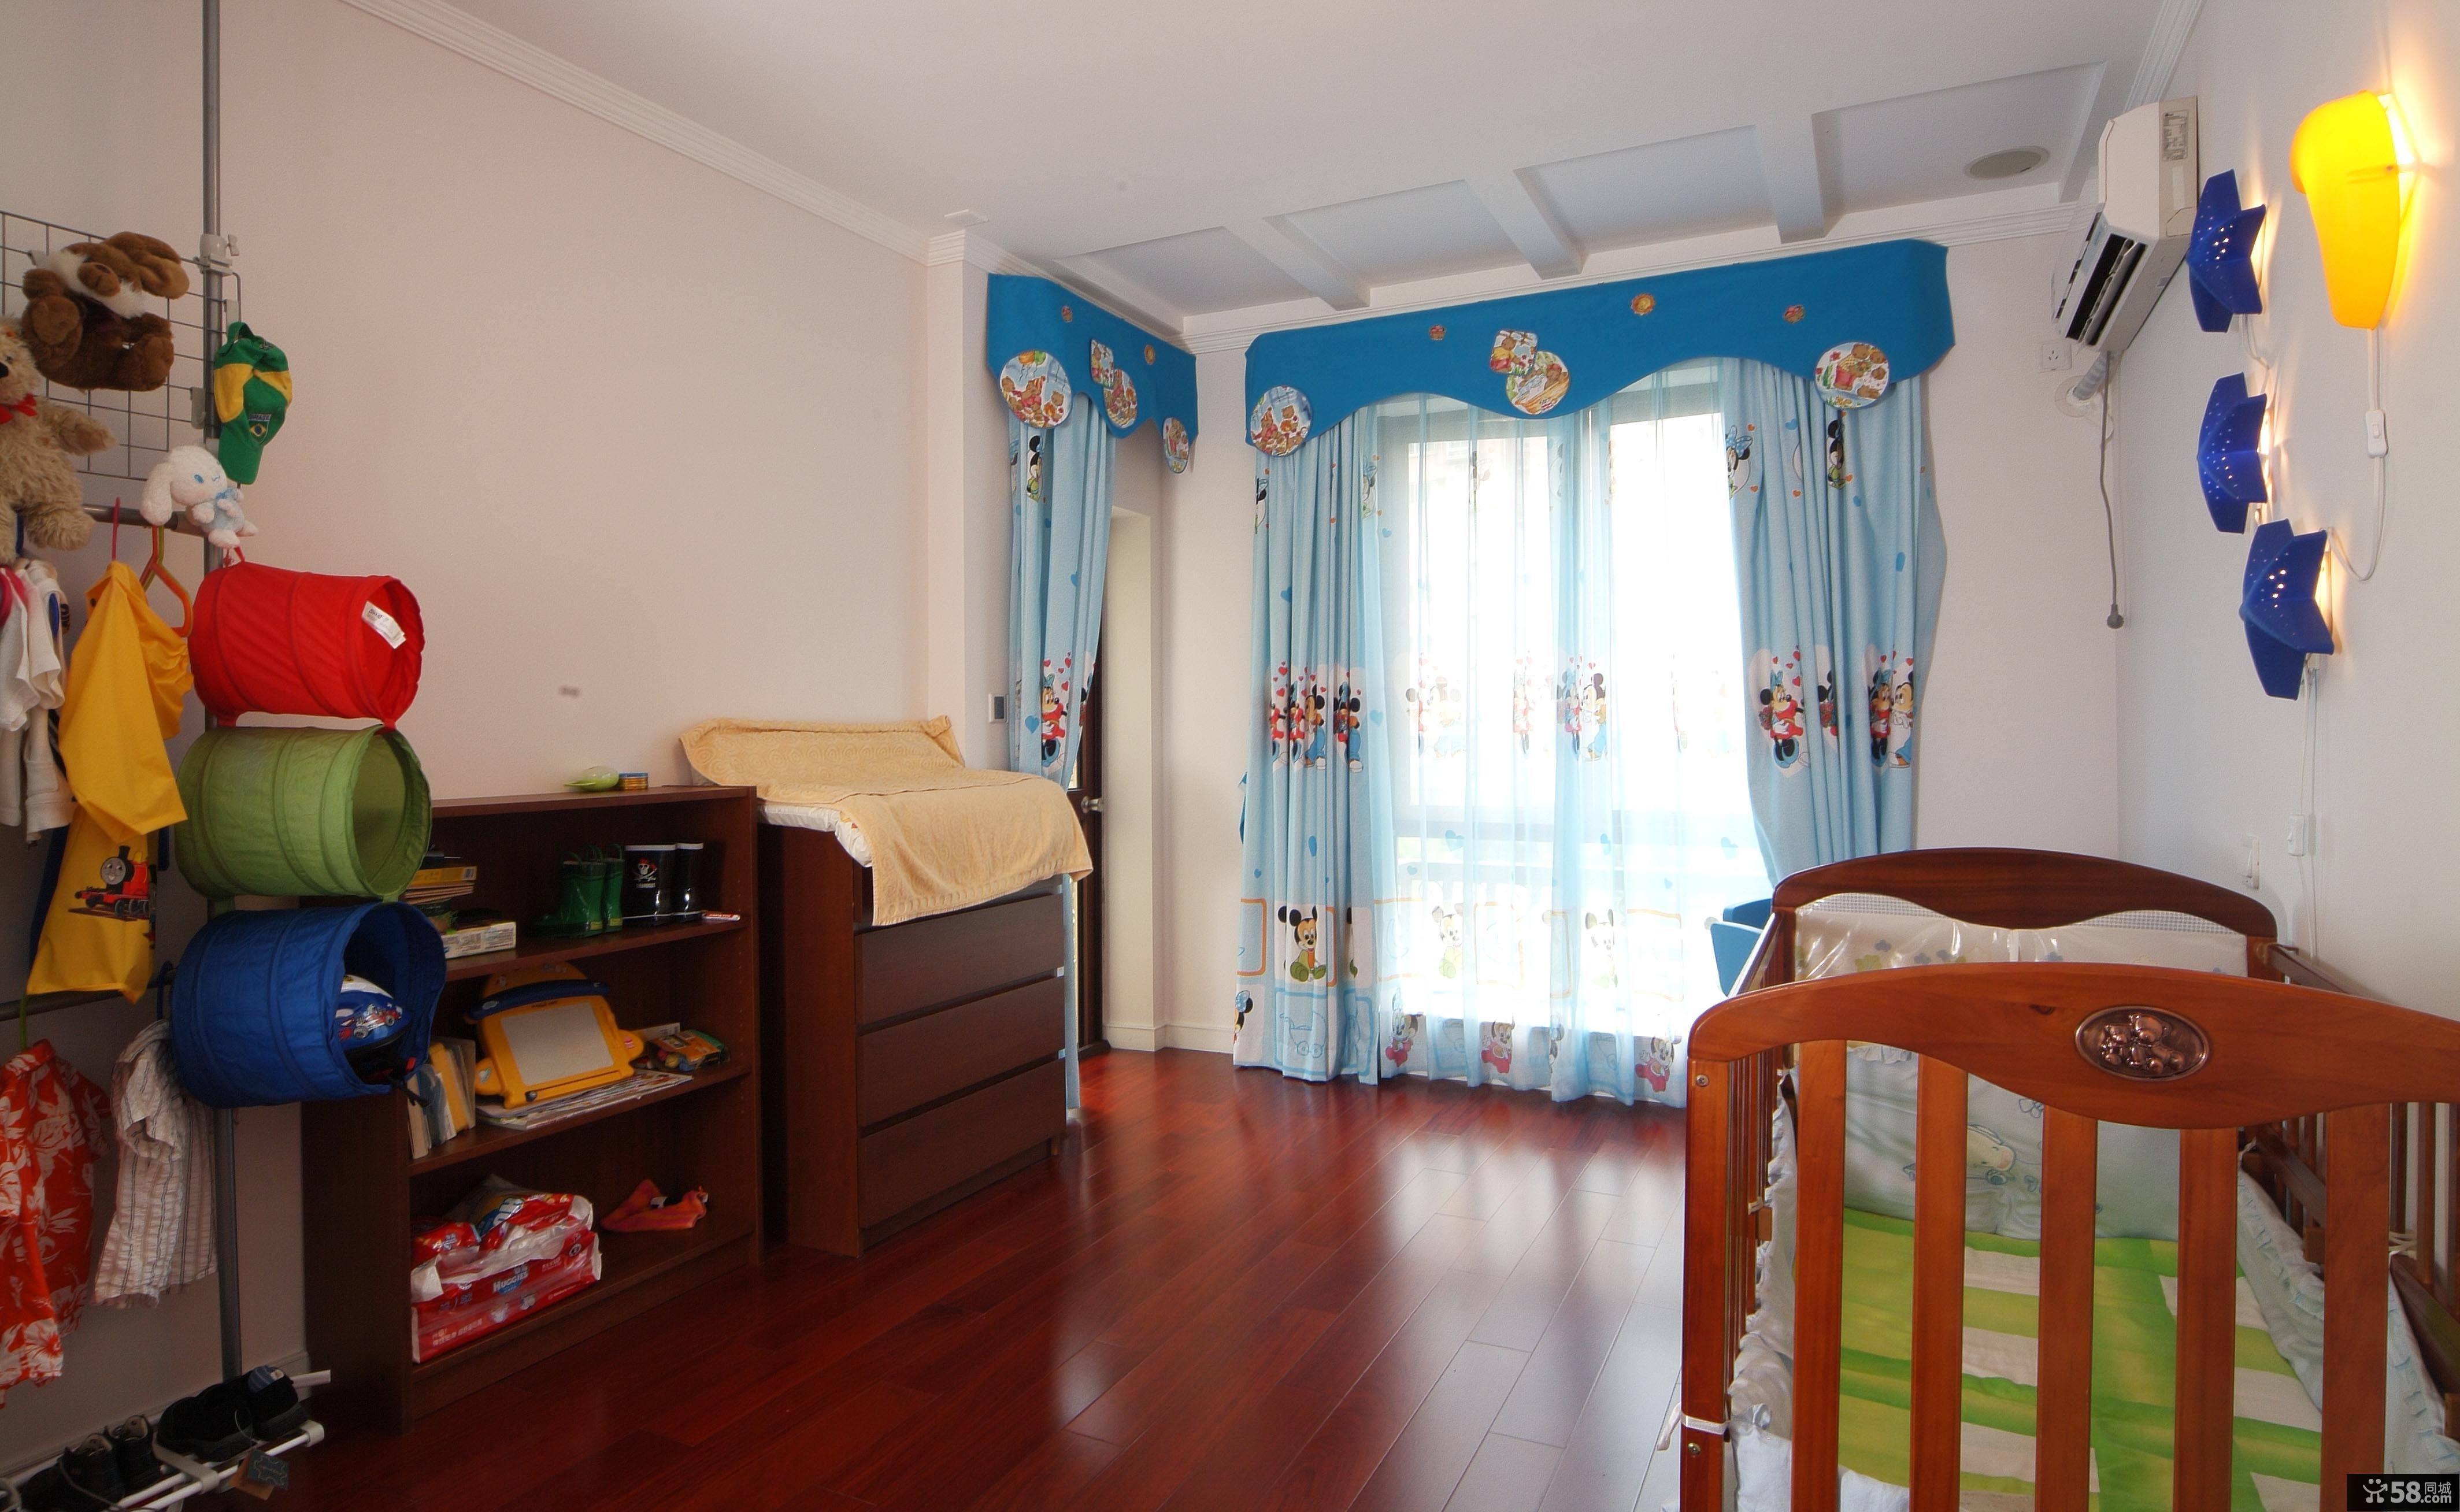 美式風格家居設計可愛兒童房裝修